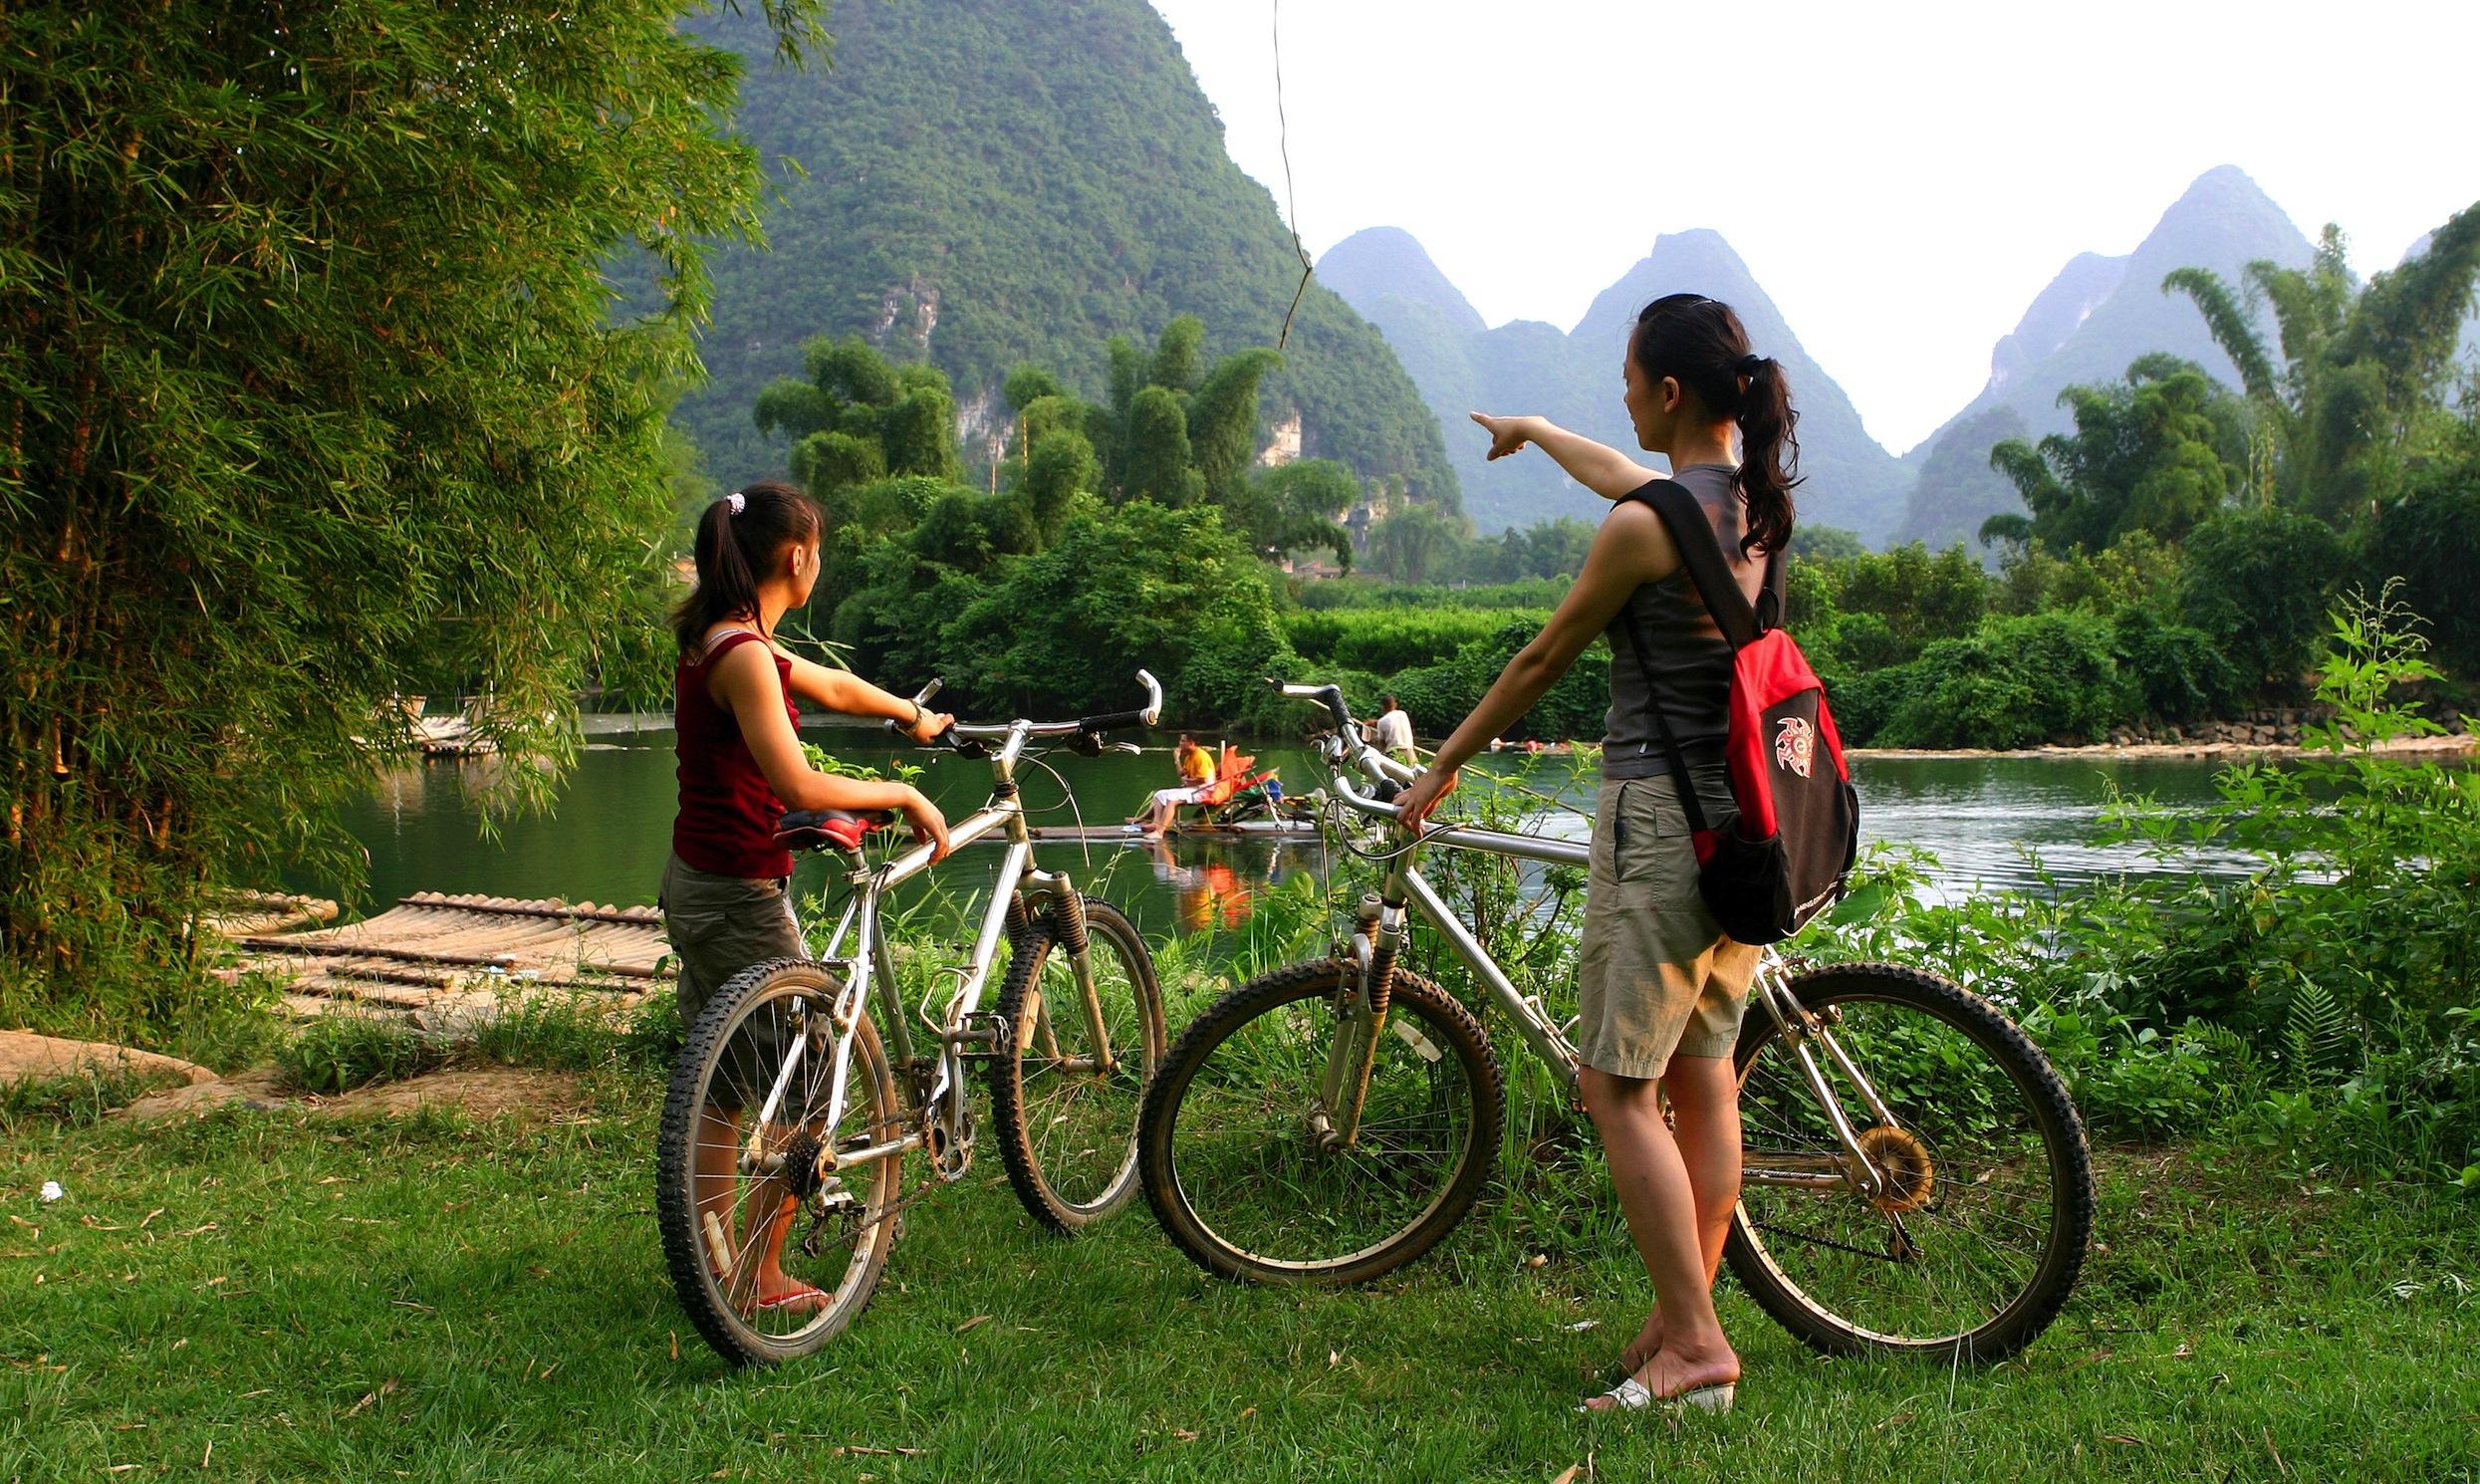 Без особой подготовки такой китайский веломаршрут вы вряд ли преодолеете! Фото: cyclechina.com